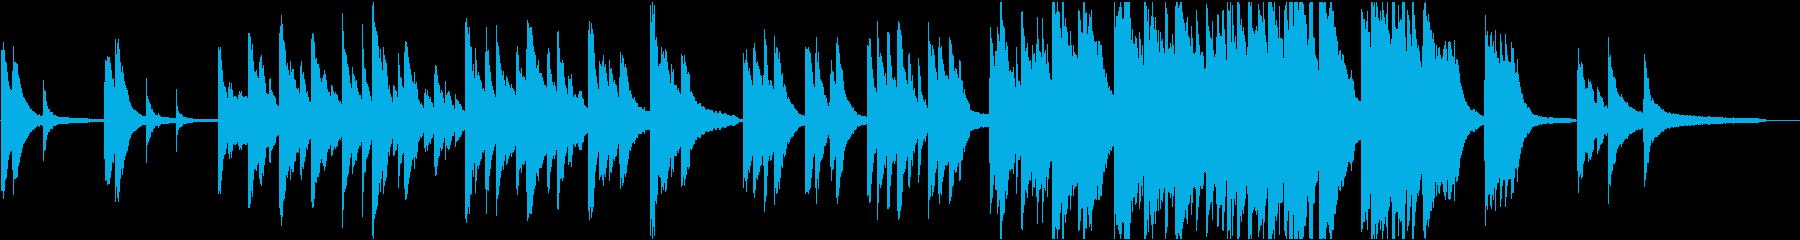 企業VP18 16bit44kHzVerの再生済みの波形